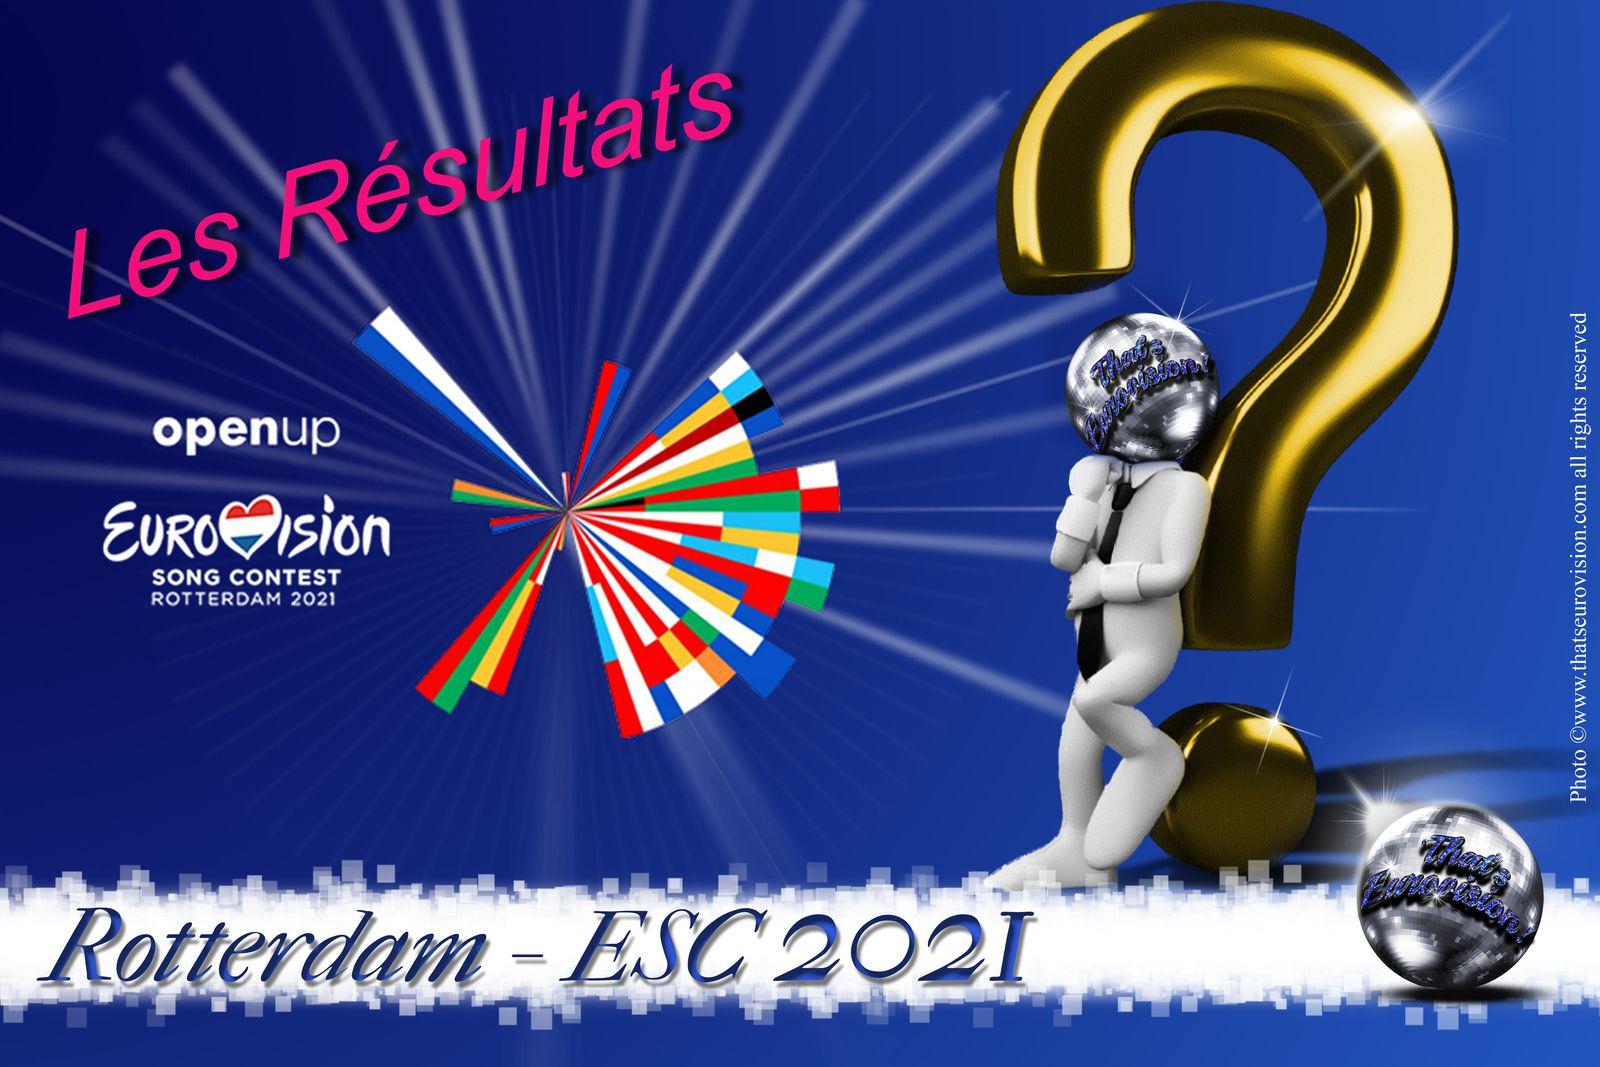 VOTRE CONCOURS EUROVISION 2021 ! - Les Résultats